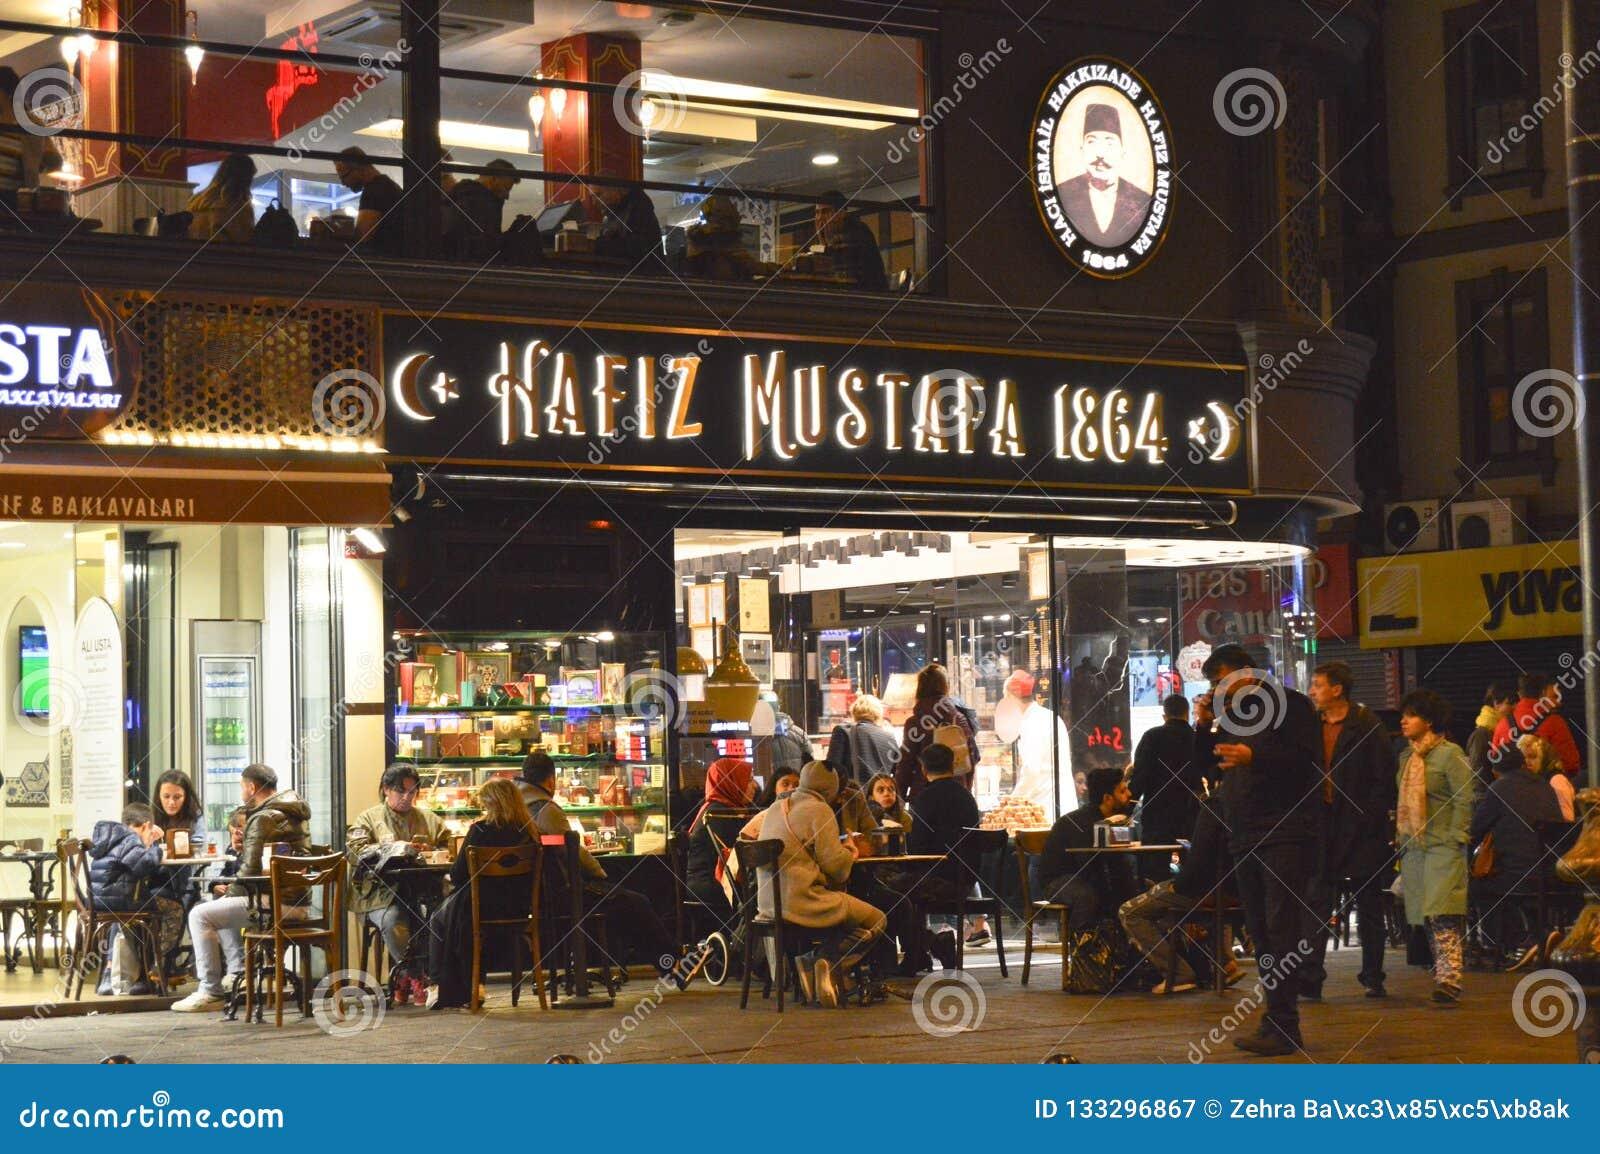 Hafiz Mustafa Estambul 1864 Sirkeci